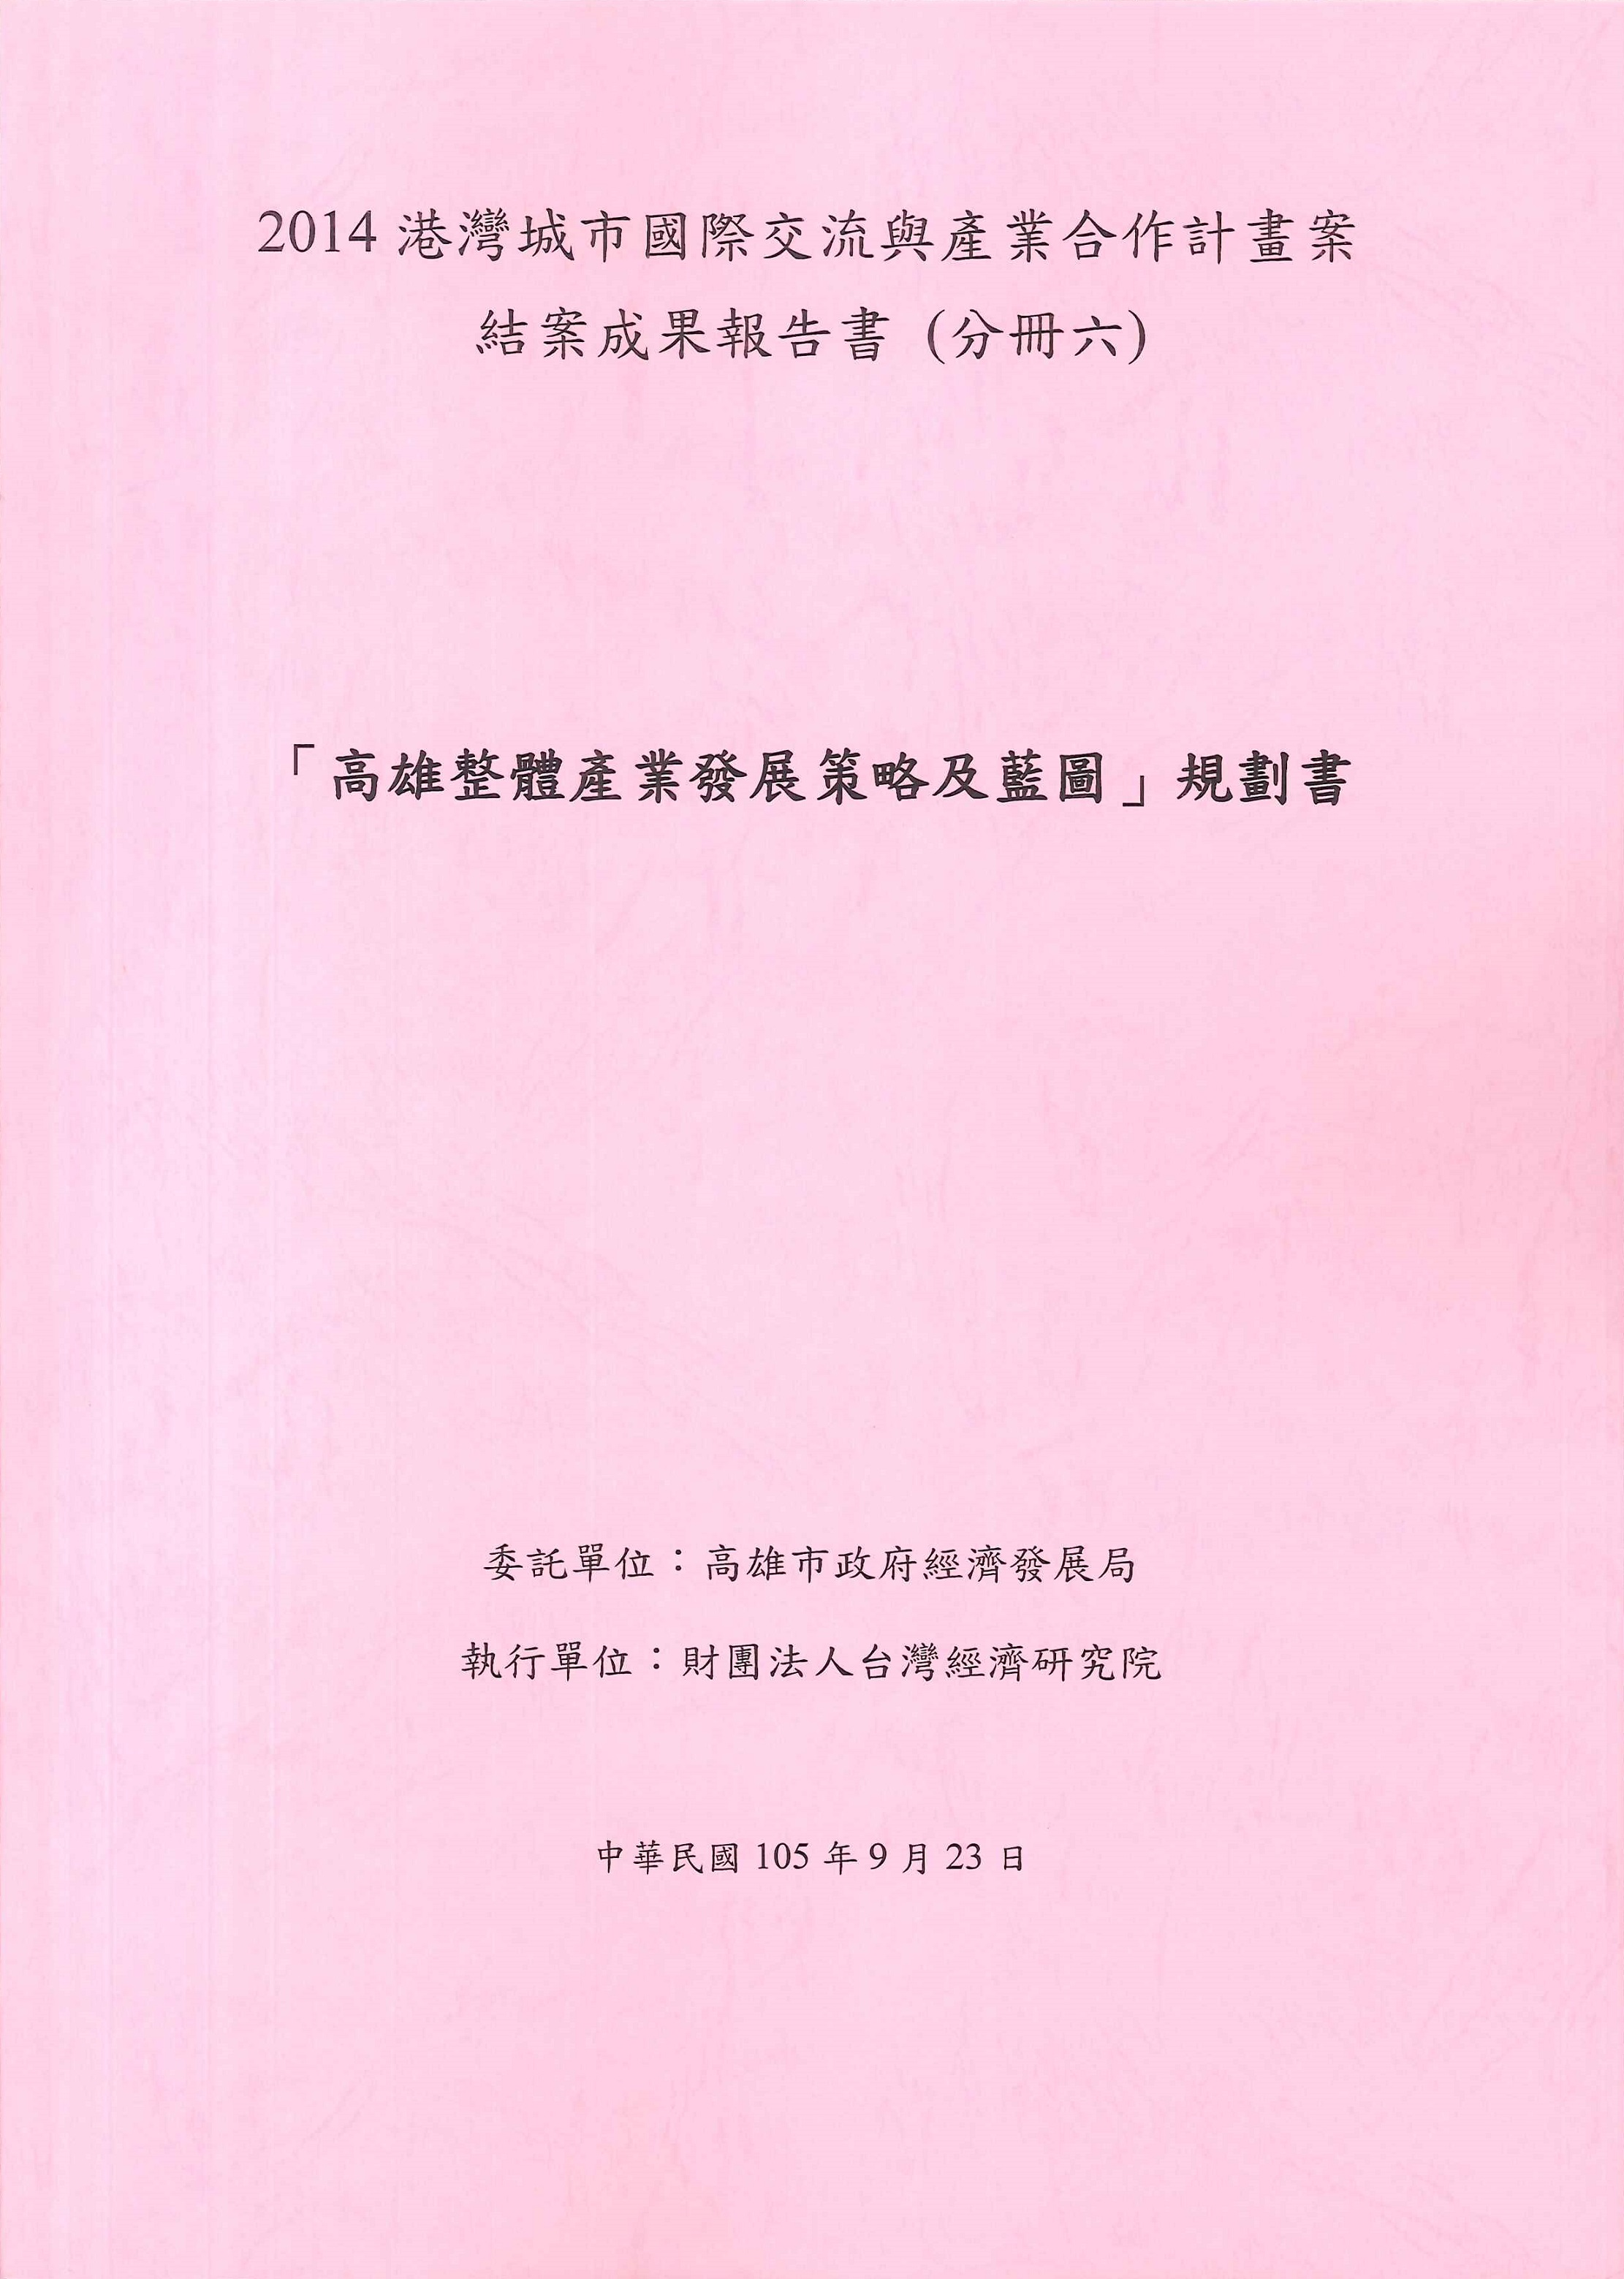 「高雄整體產業發展策略及藍圖」規劃書